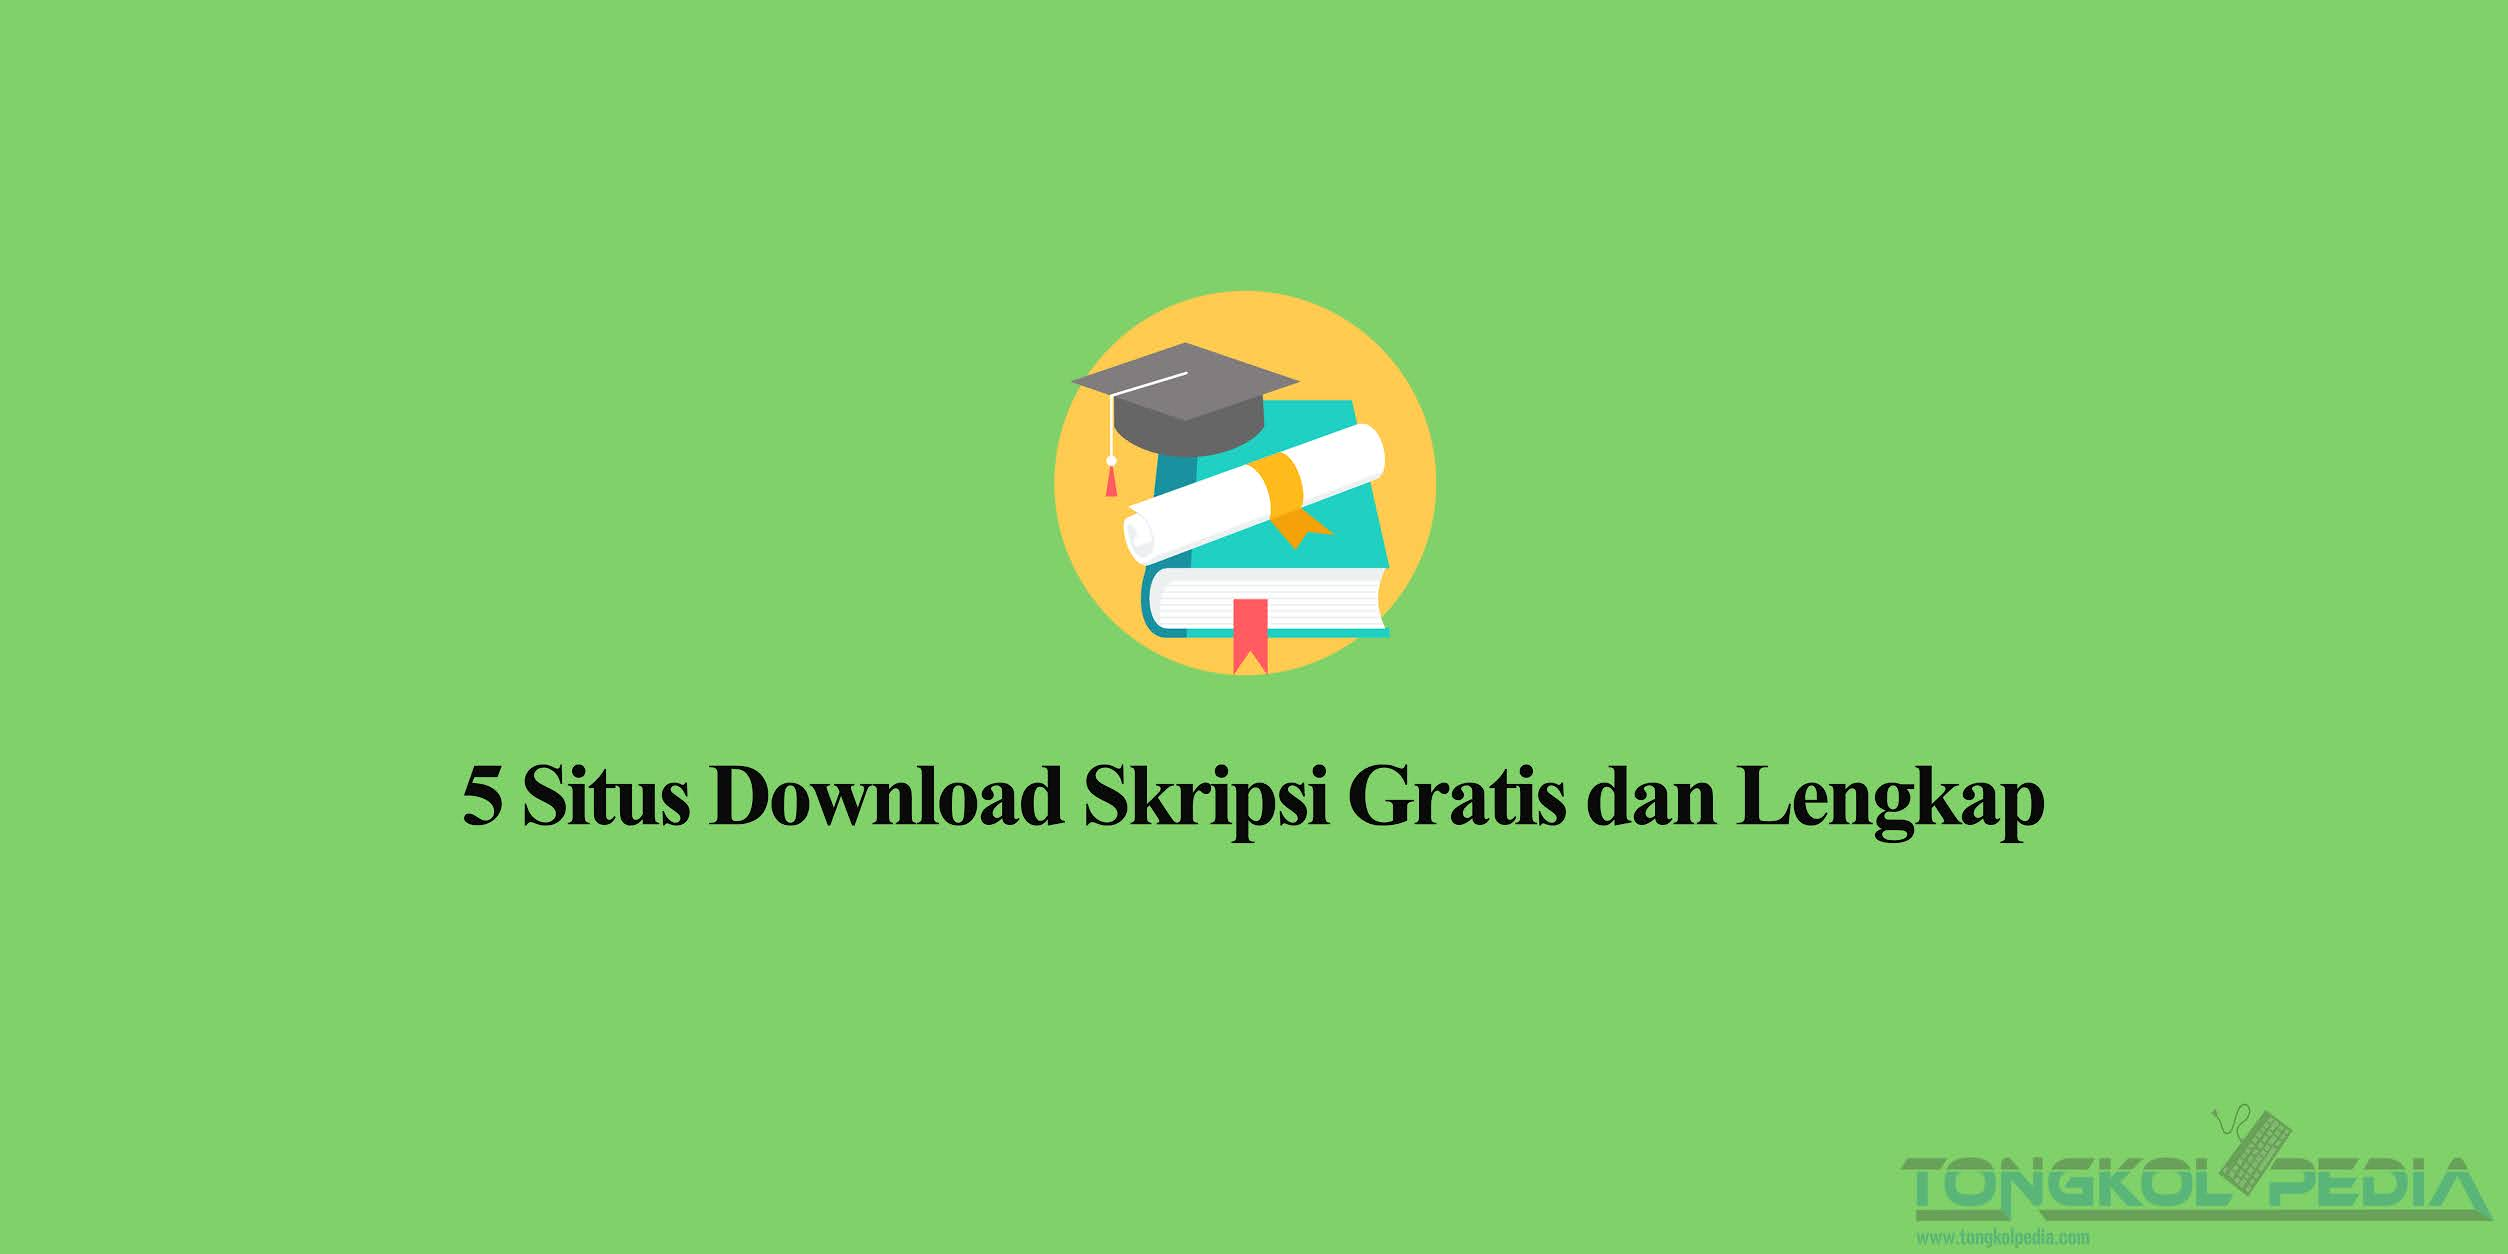 5 Situs Download Skripsi Gratis dan Lengkap